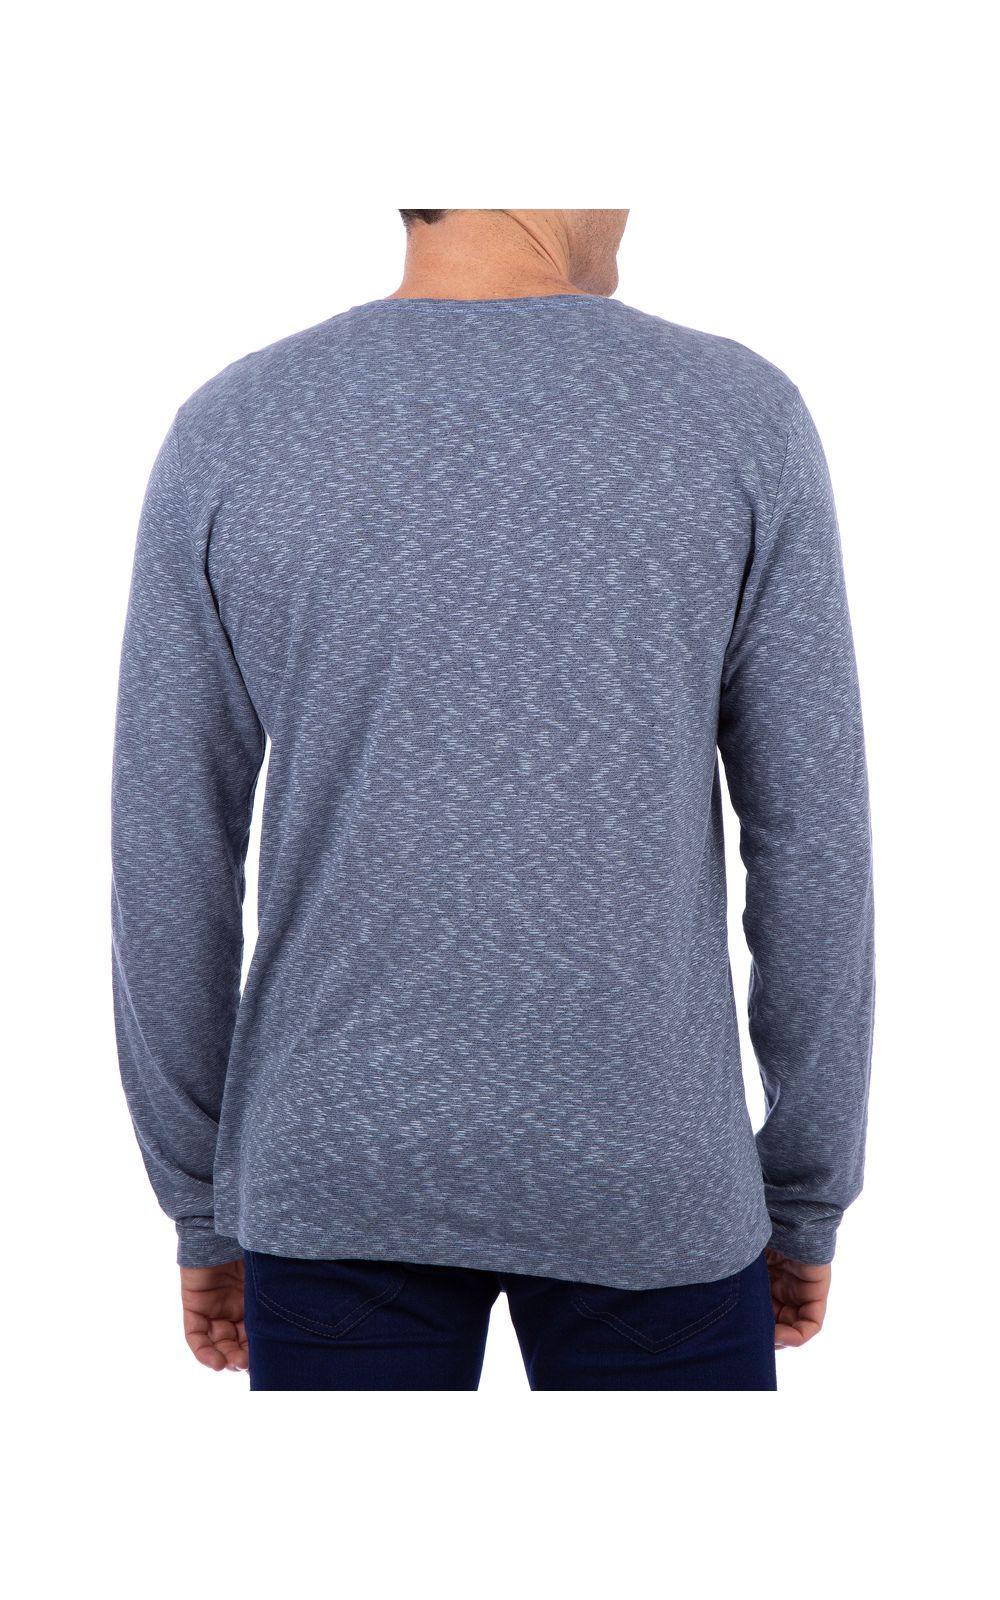 Foto 2 - Camiseta Masculina Detalhada Azul